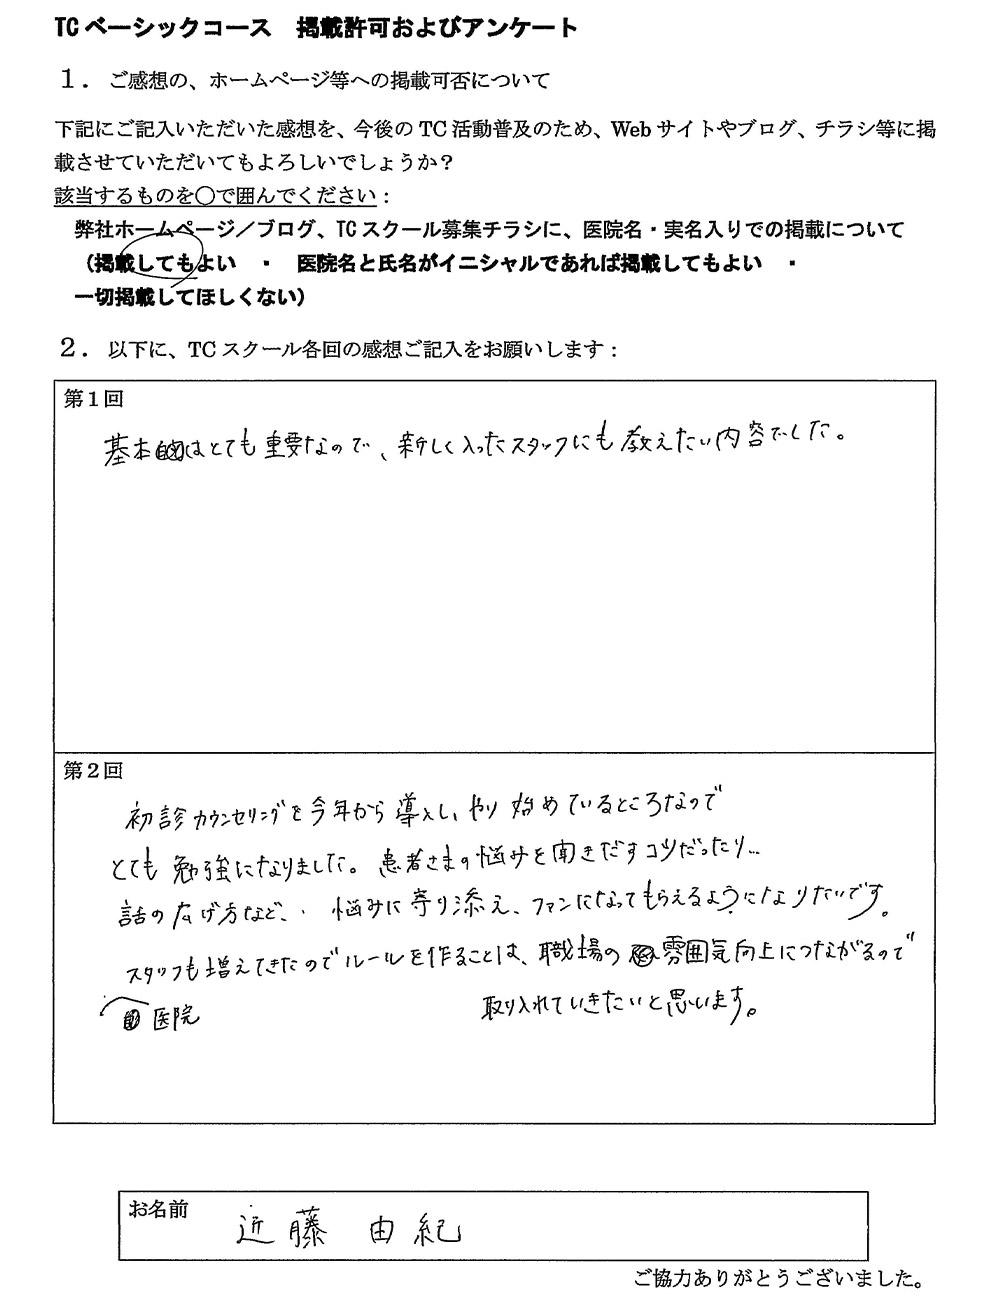 近藤 由紀様アンケート